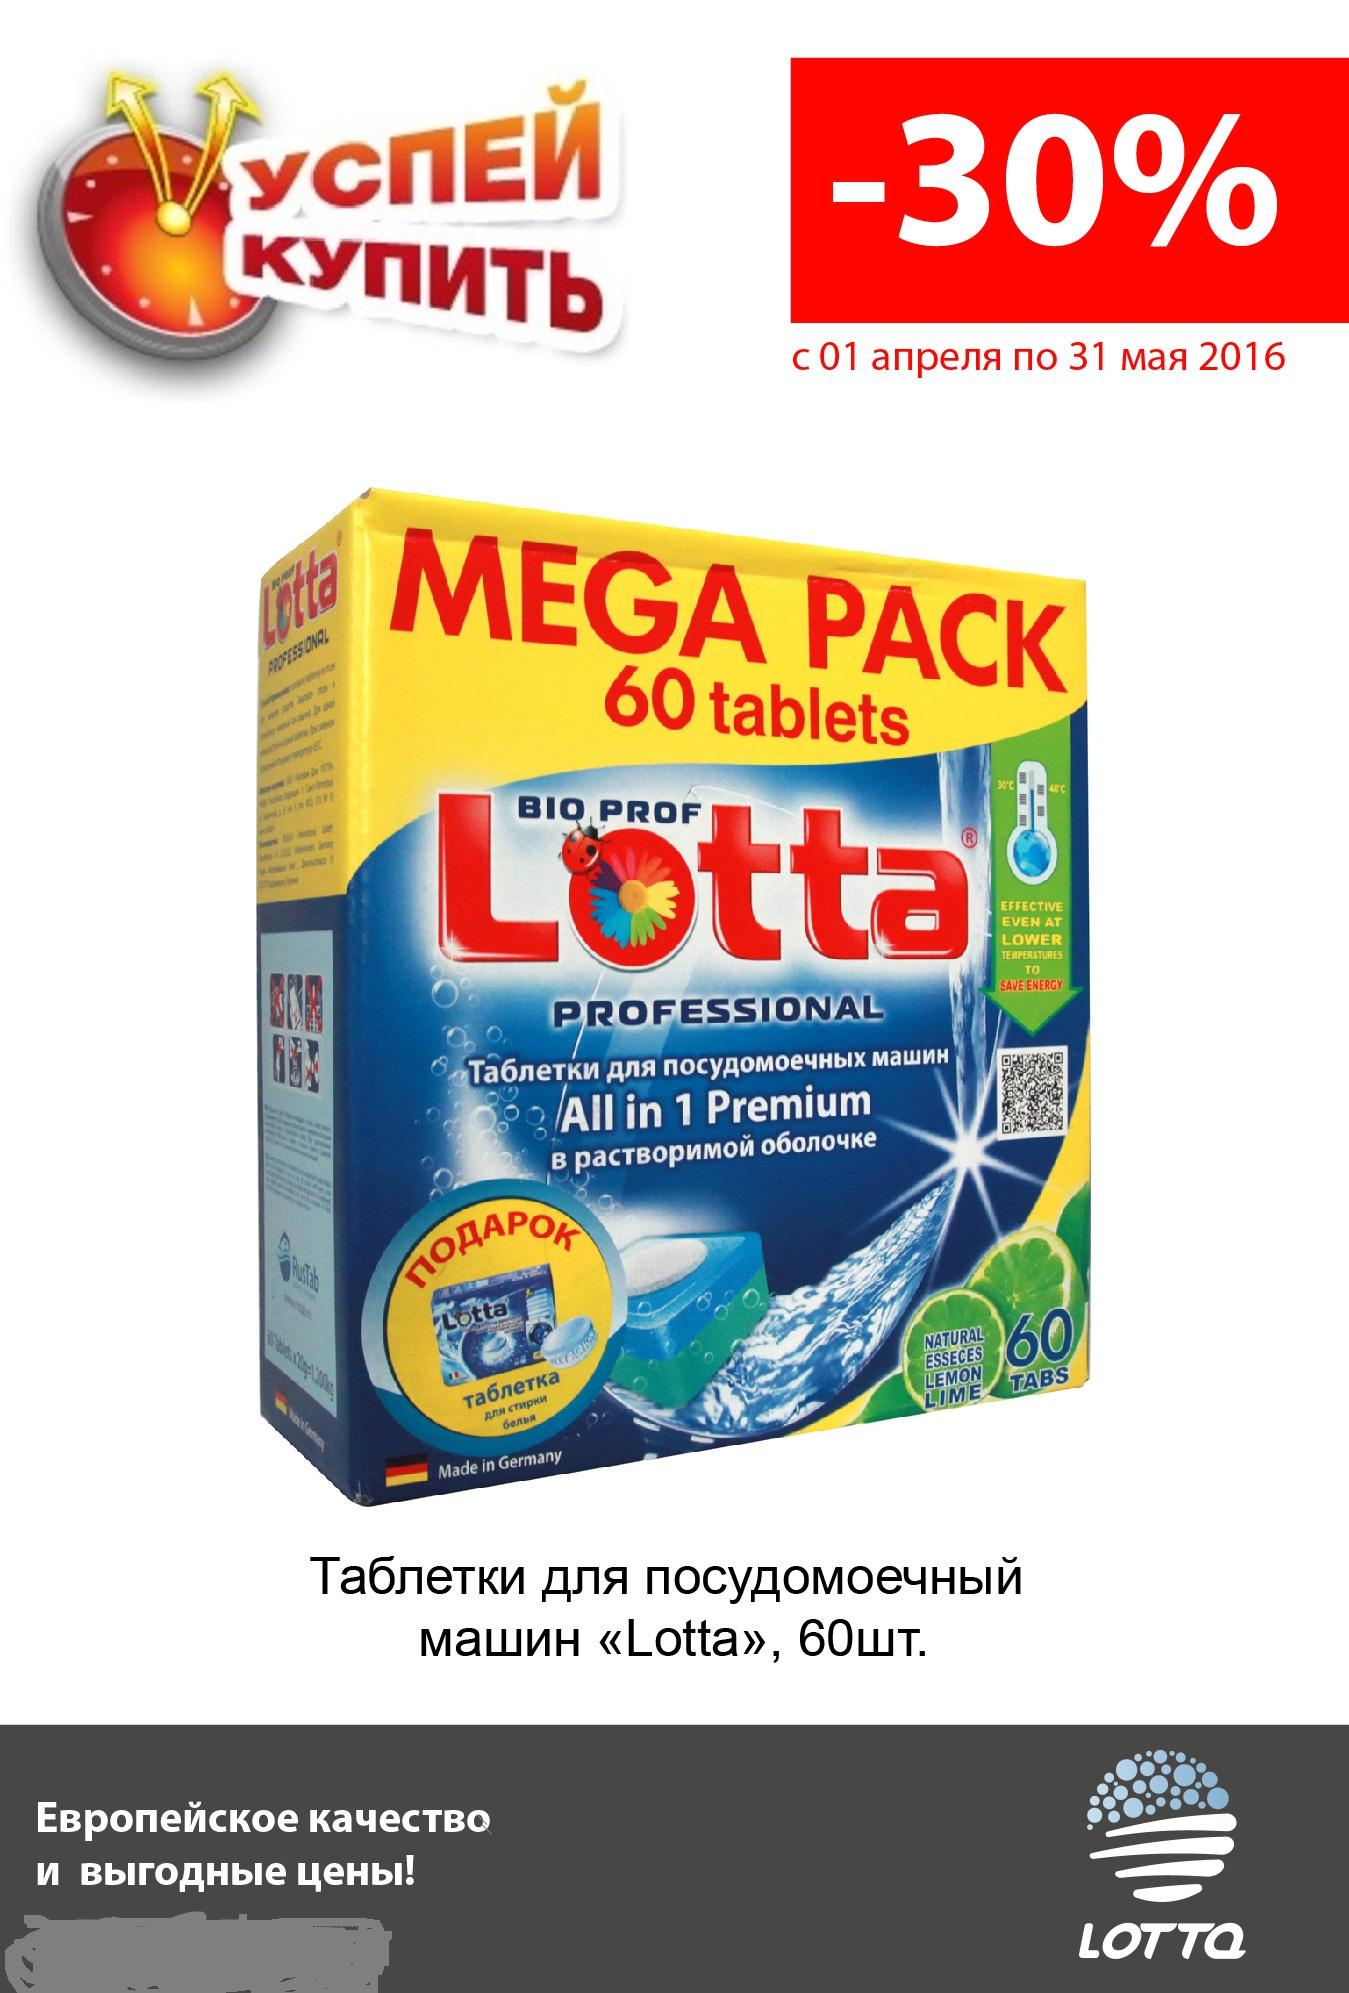 НЕ ПРОПУСТИТЕ РАСПРОДАЖУ!! Таблетки для посудомоечной машины в водорастворимой оболочке, премиум класса Lotta 60таб